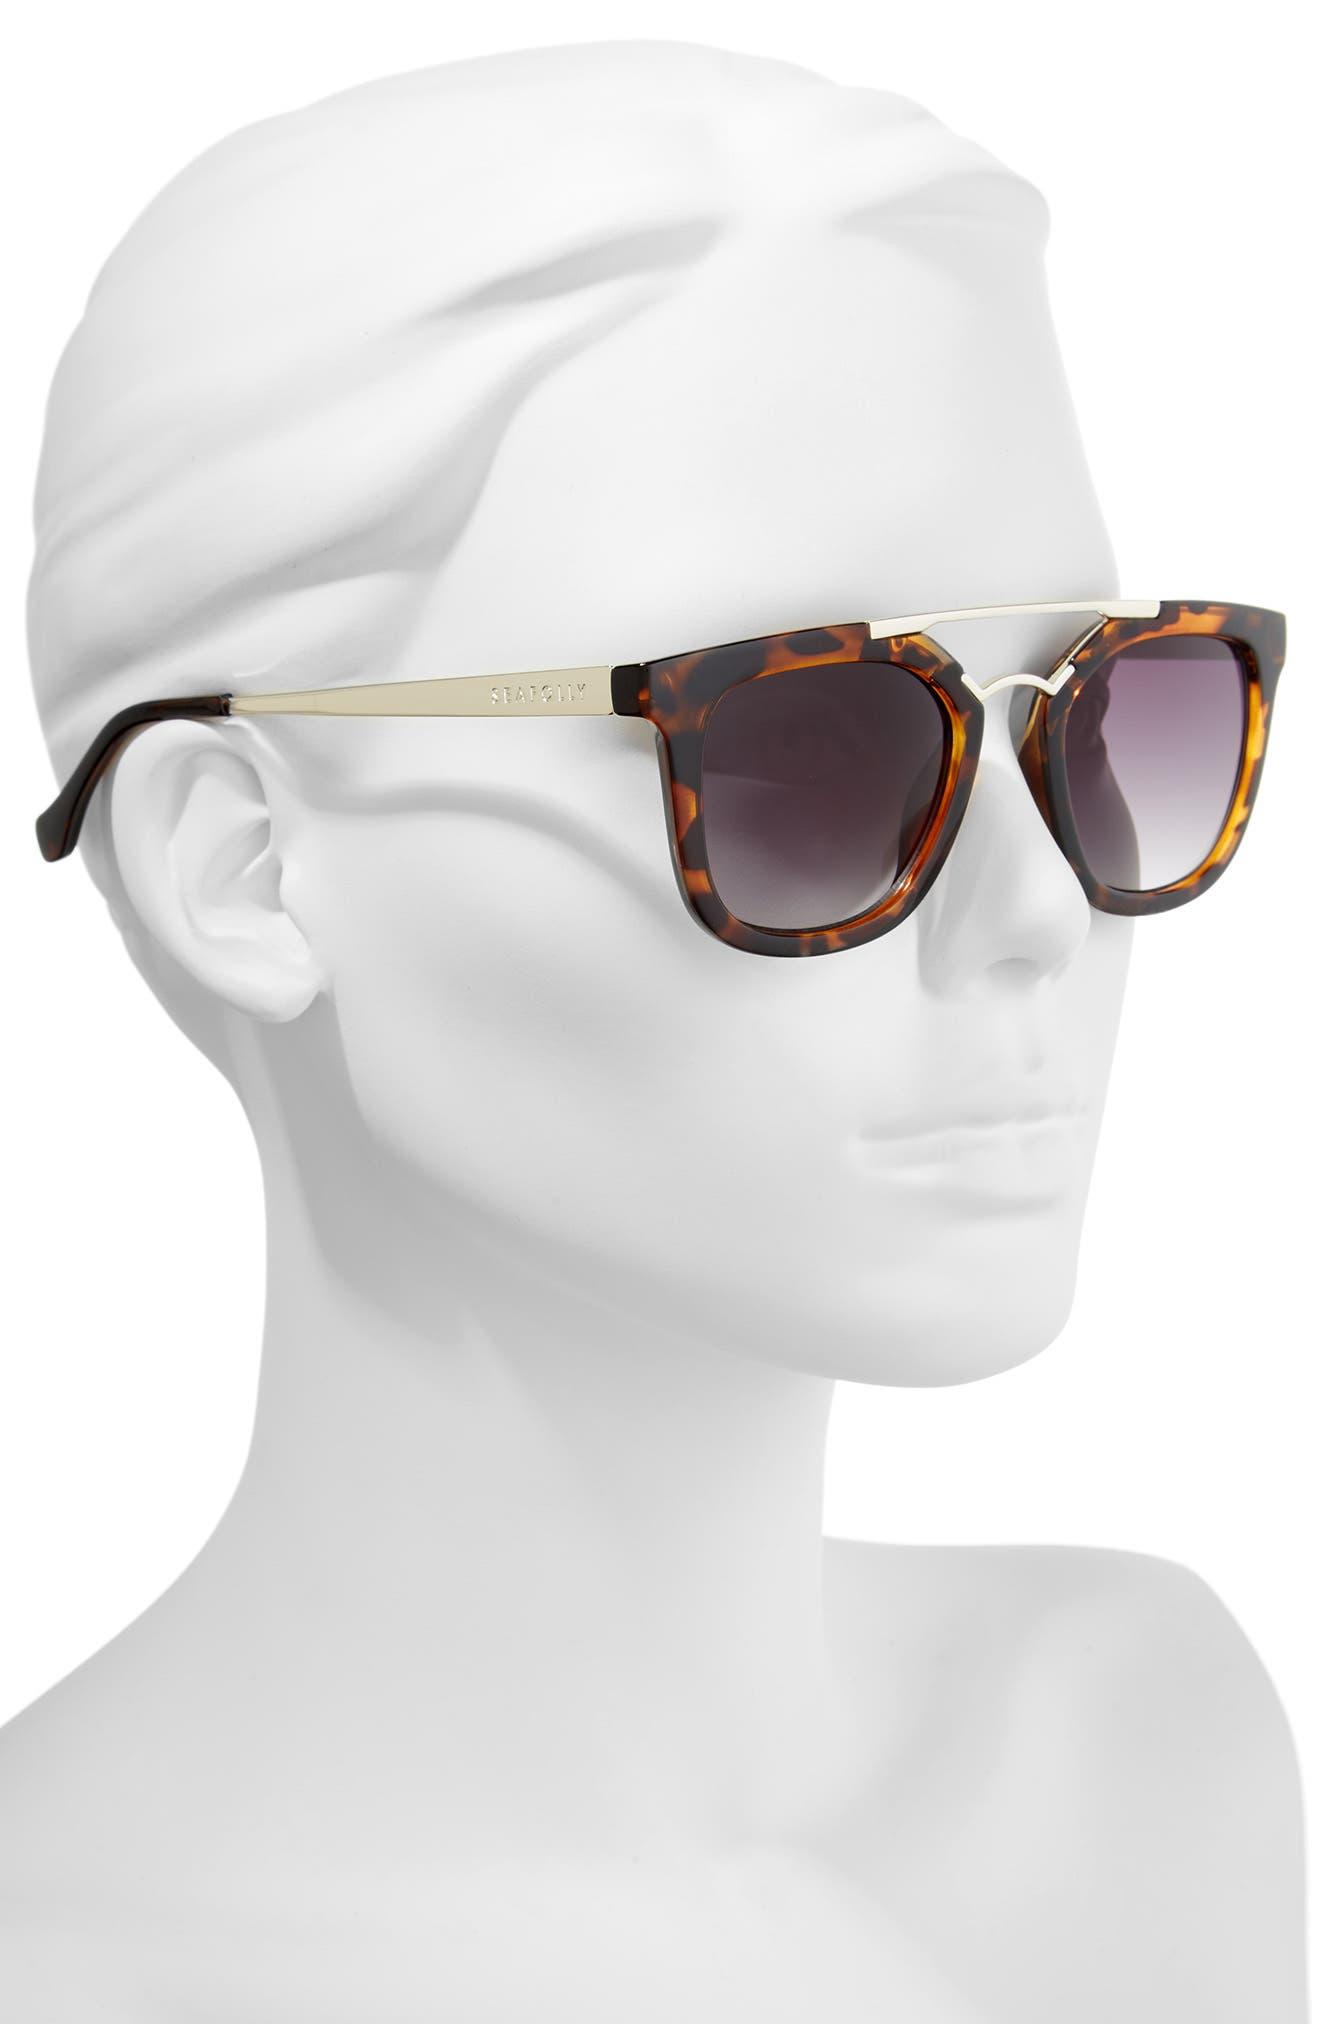 Del Mar 49mm Tortiseshell Aviator Sunglasses,                             Alternate thumbnail 2, color,                             DARK TORT